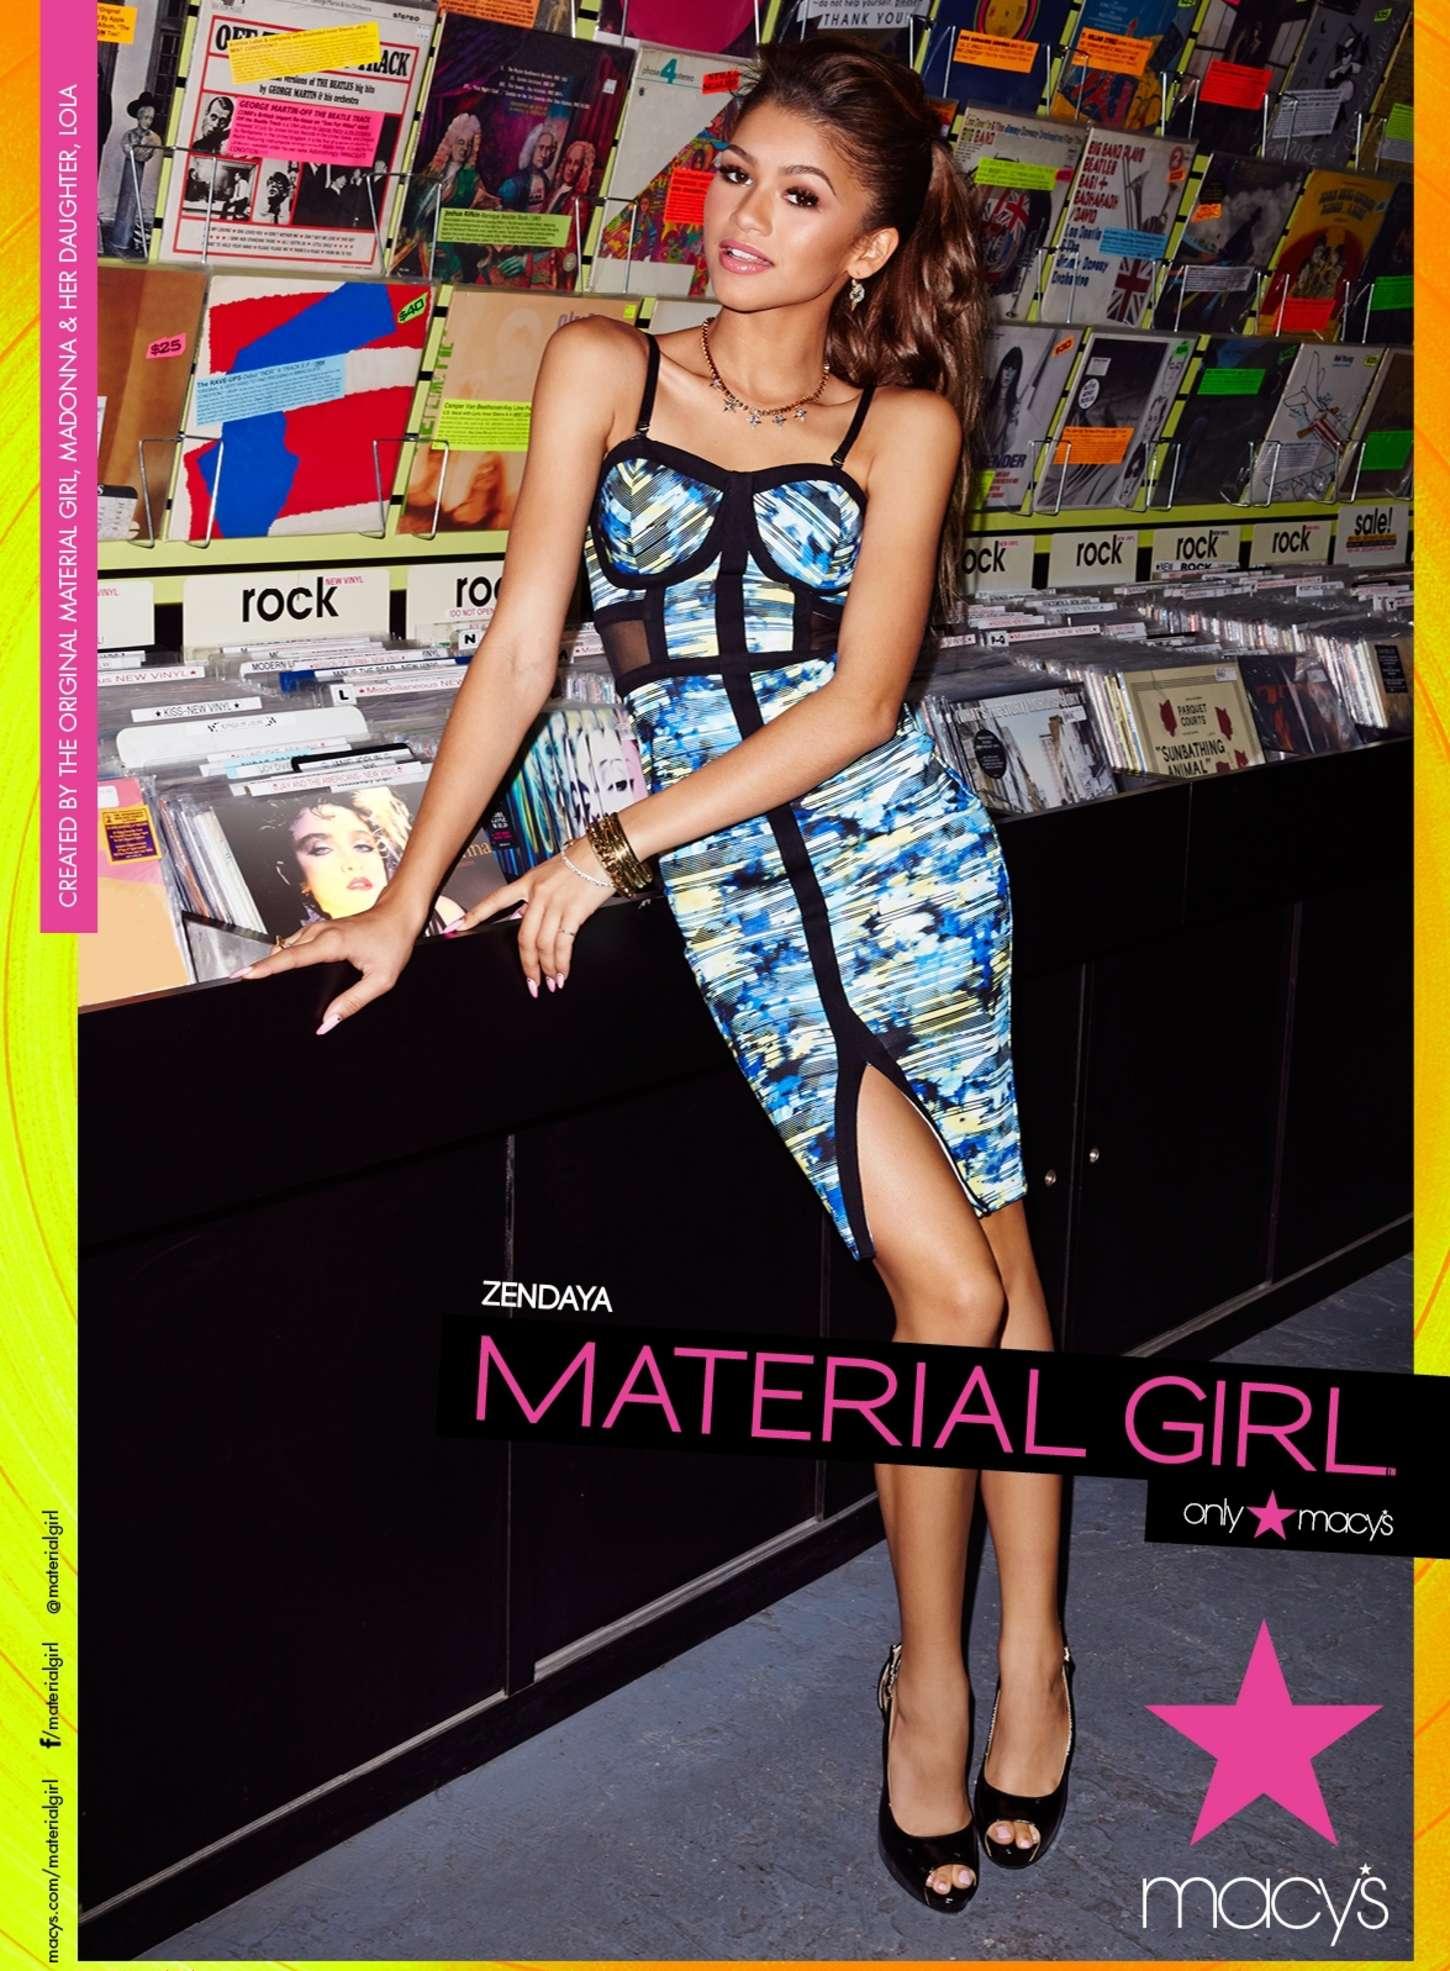 Zendaya Coleman 2015 : Zendaya Coleman: Material Girl 2015 Campaign -07